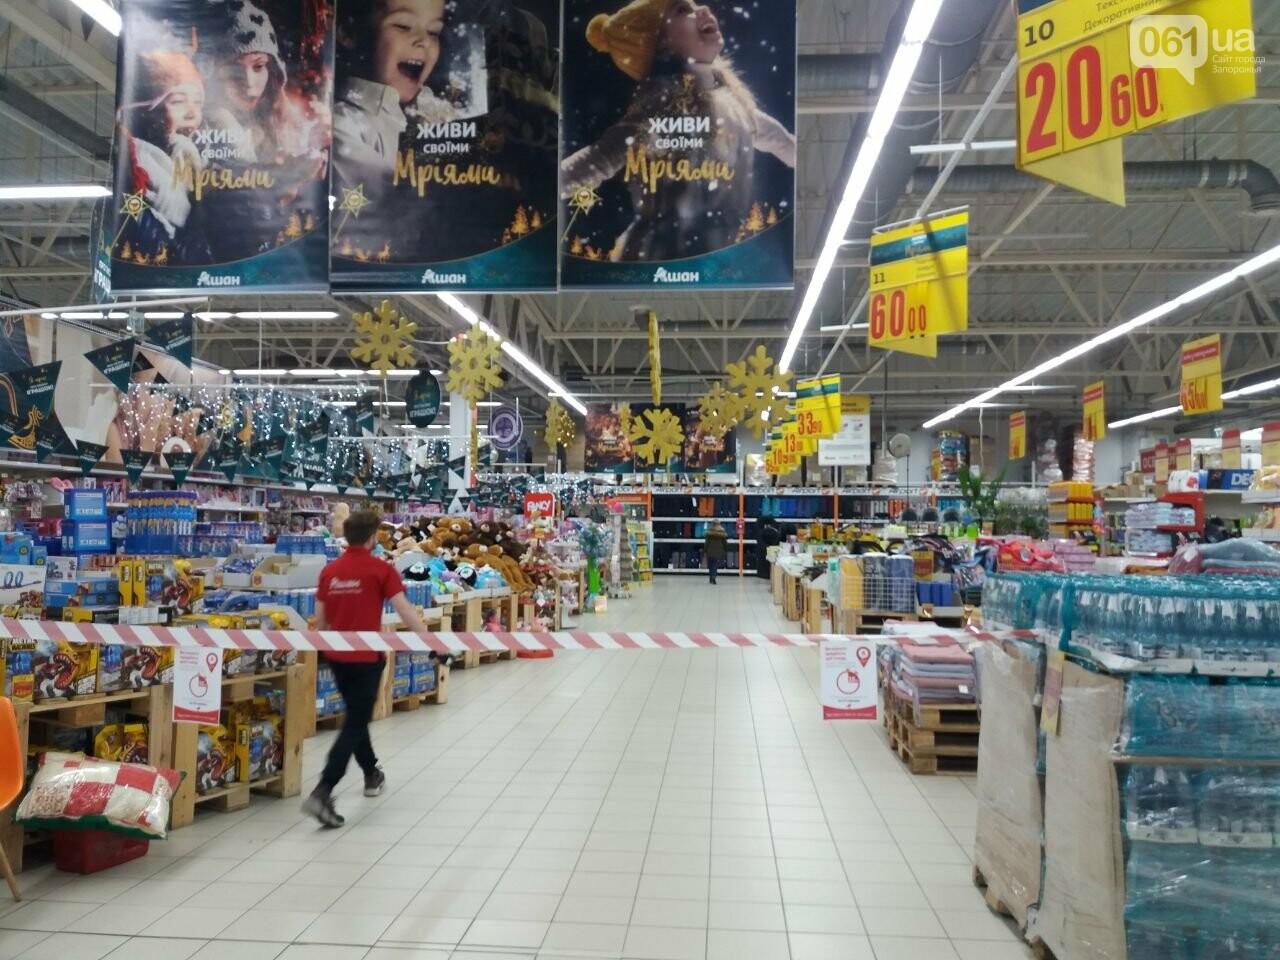 Защитные ленты на товарах, неработающие ТРЦ и полузакрытые рынки – фоторепортаж о первом дне локдауна в Запорожье, фото-31